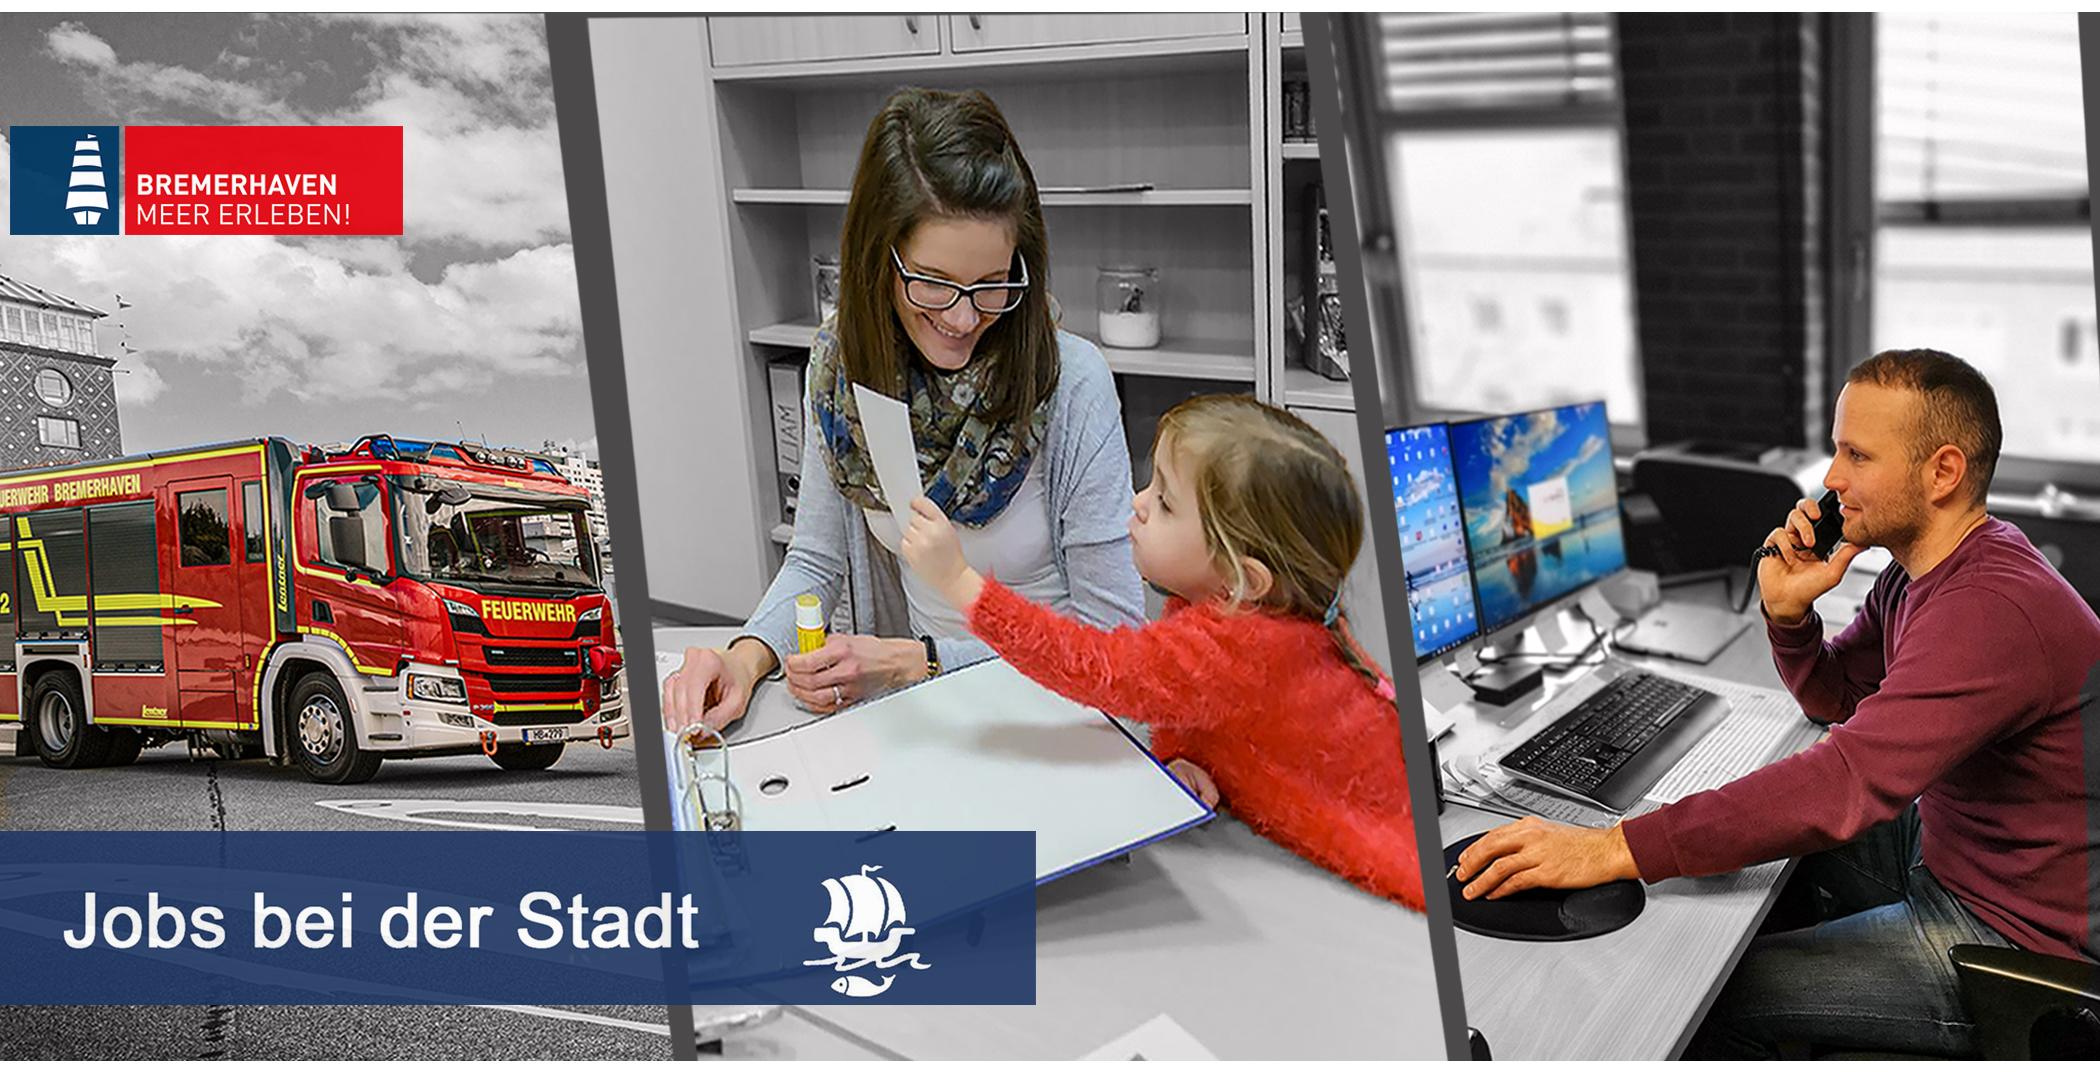 Dreigeteiltes Bild: ein Feuerwehrfahrzeug; eine Frau mit Kind im Büro; ein Mann am Schreibtisch, der telefoniert